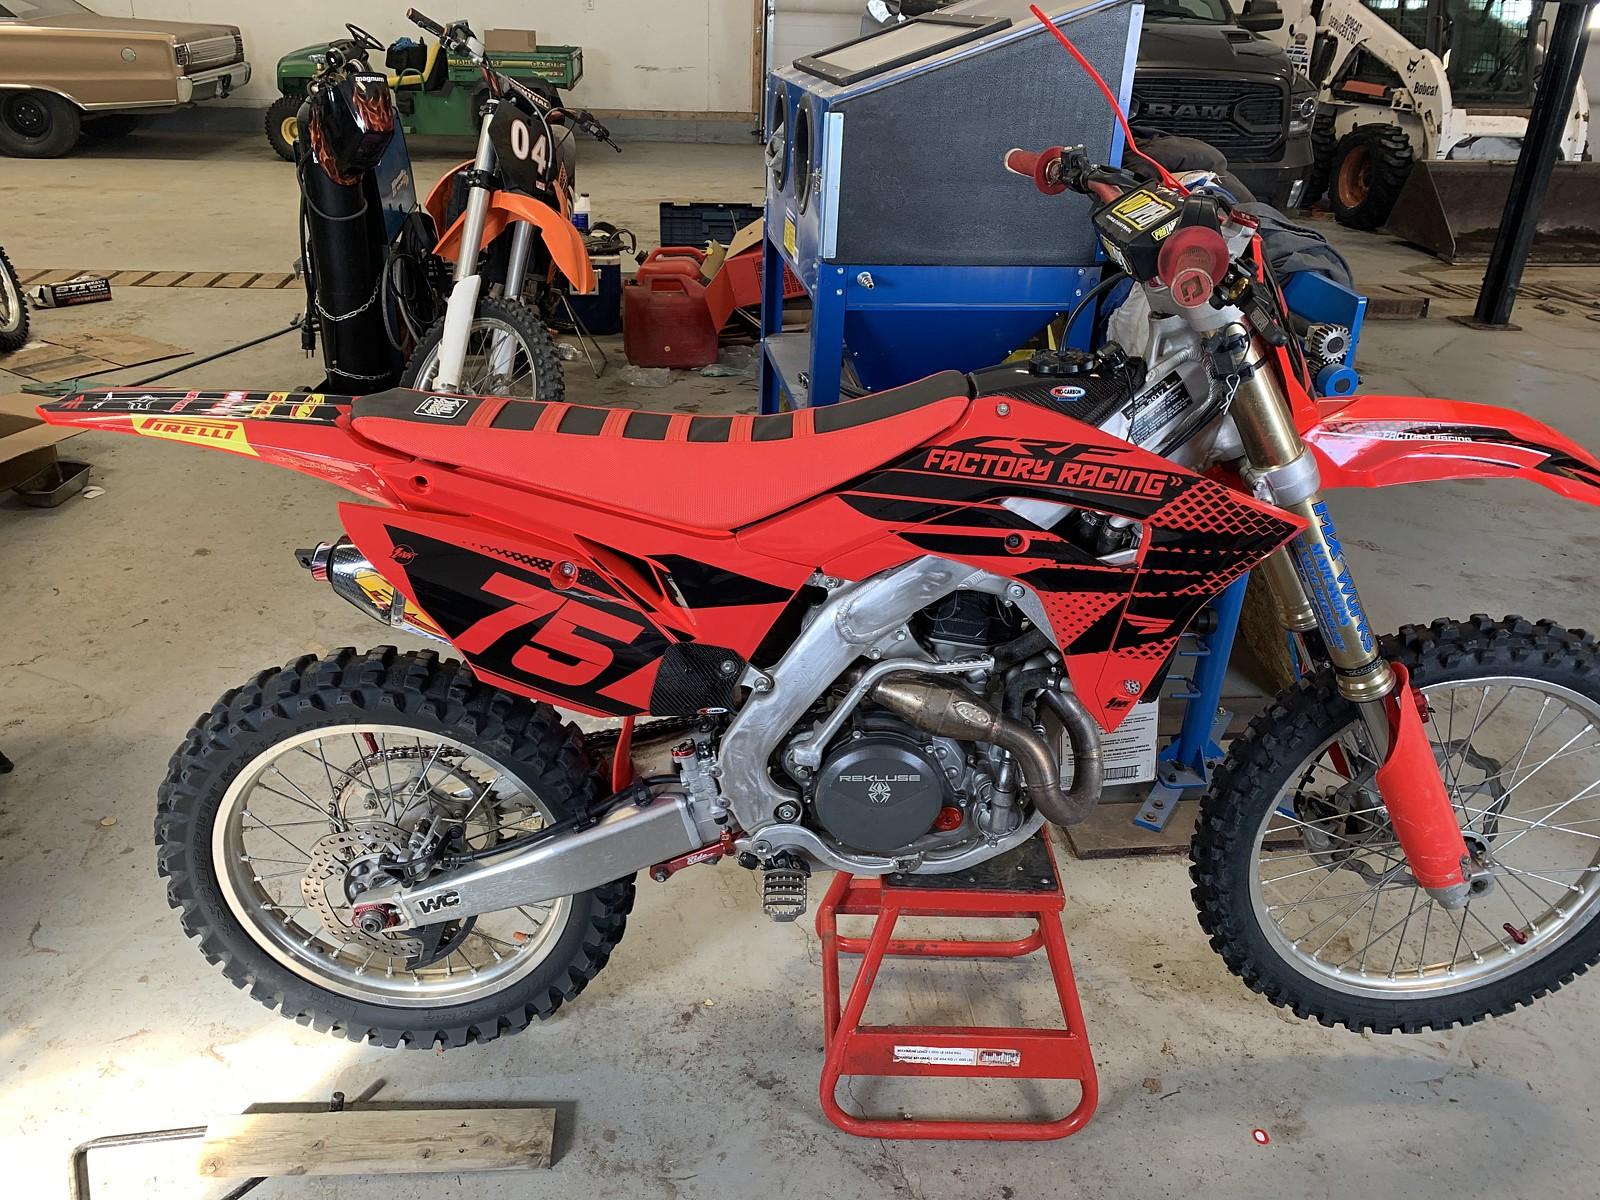 62F71F93-CE22-4A0D-AFDF-29323472C565 - whitechapel44 - Motocross Pictures - Vital MX